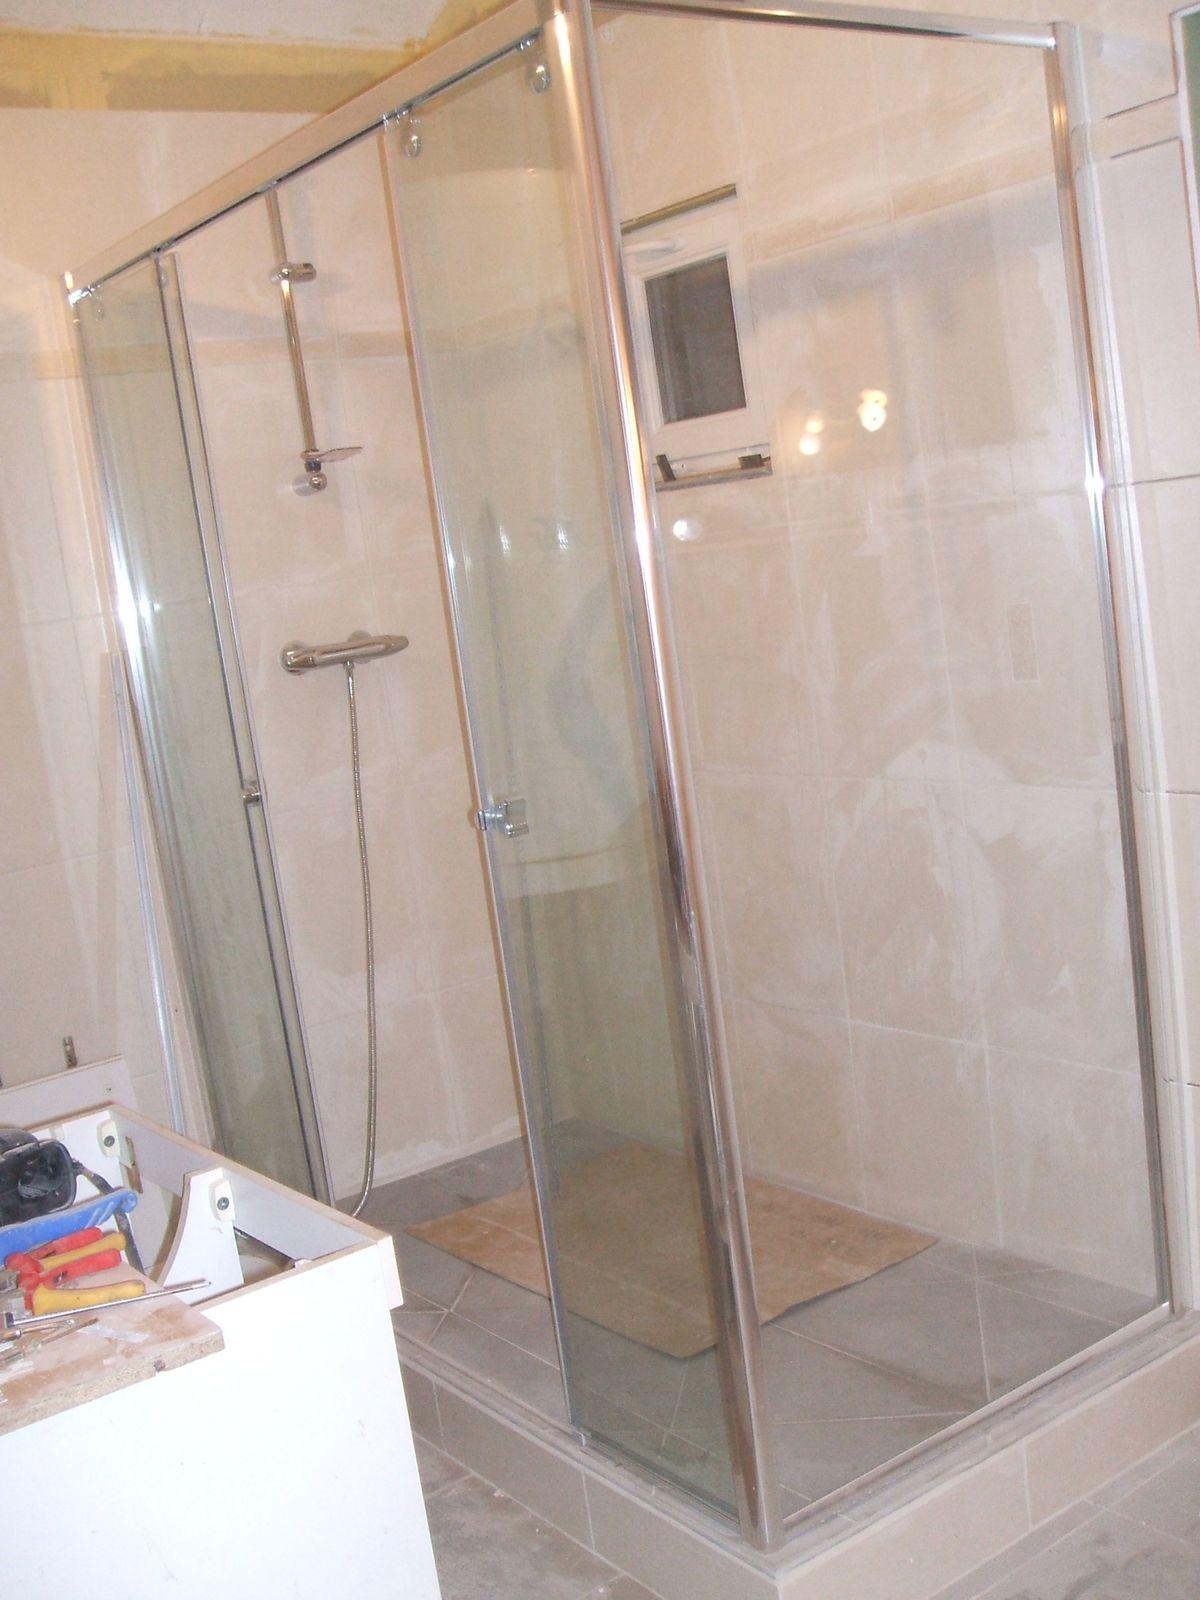 Les travaux de la salle de bain plaisir for Fenetre dans douche